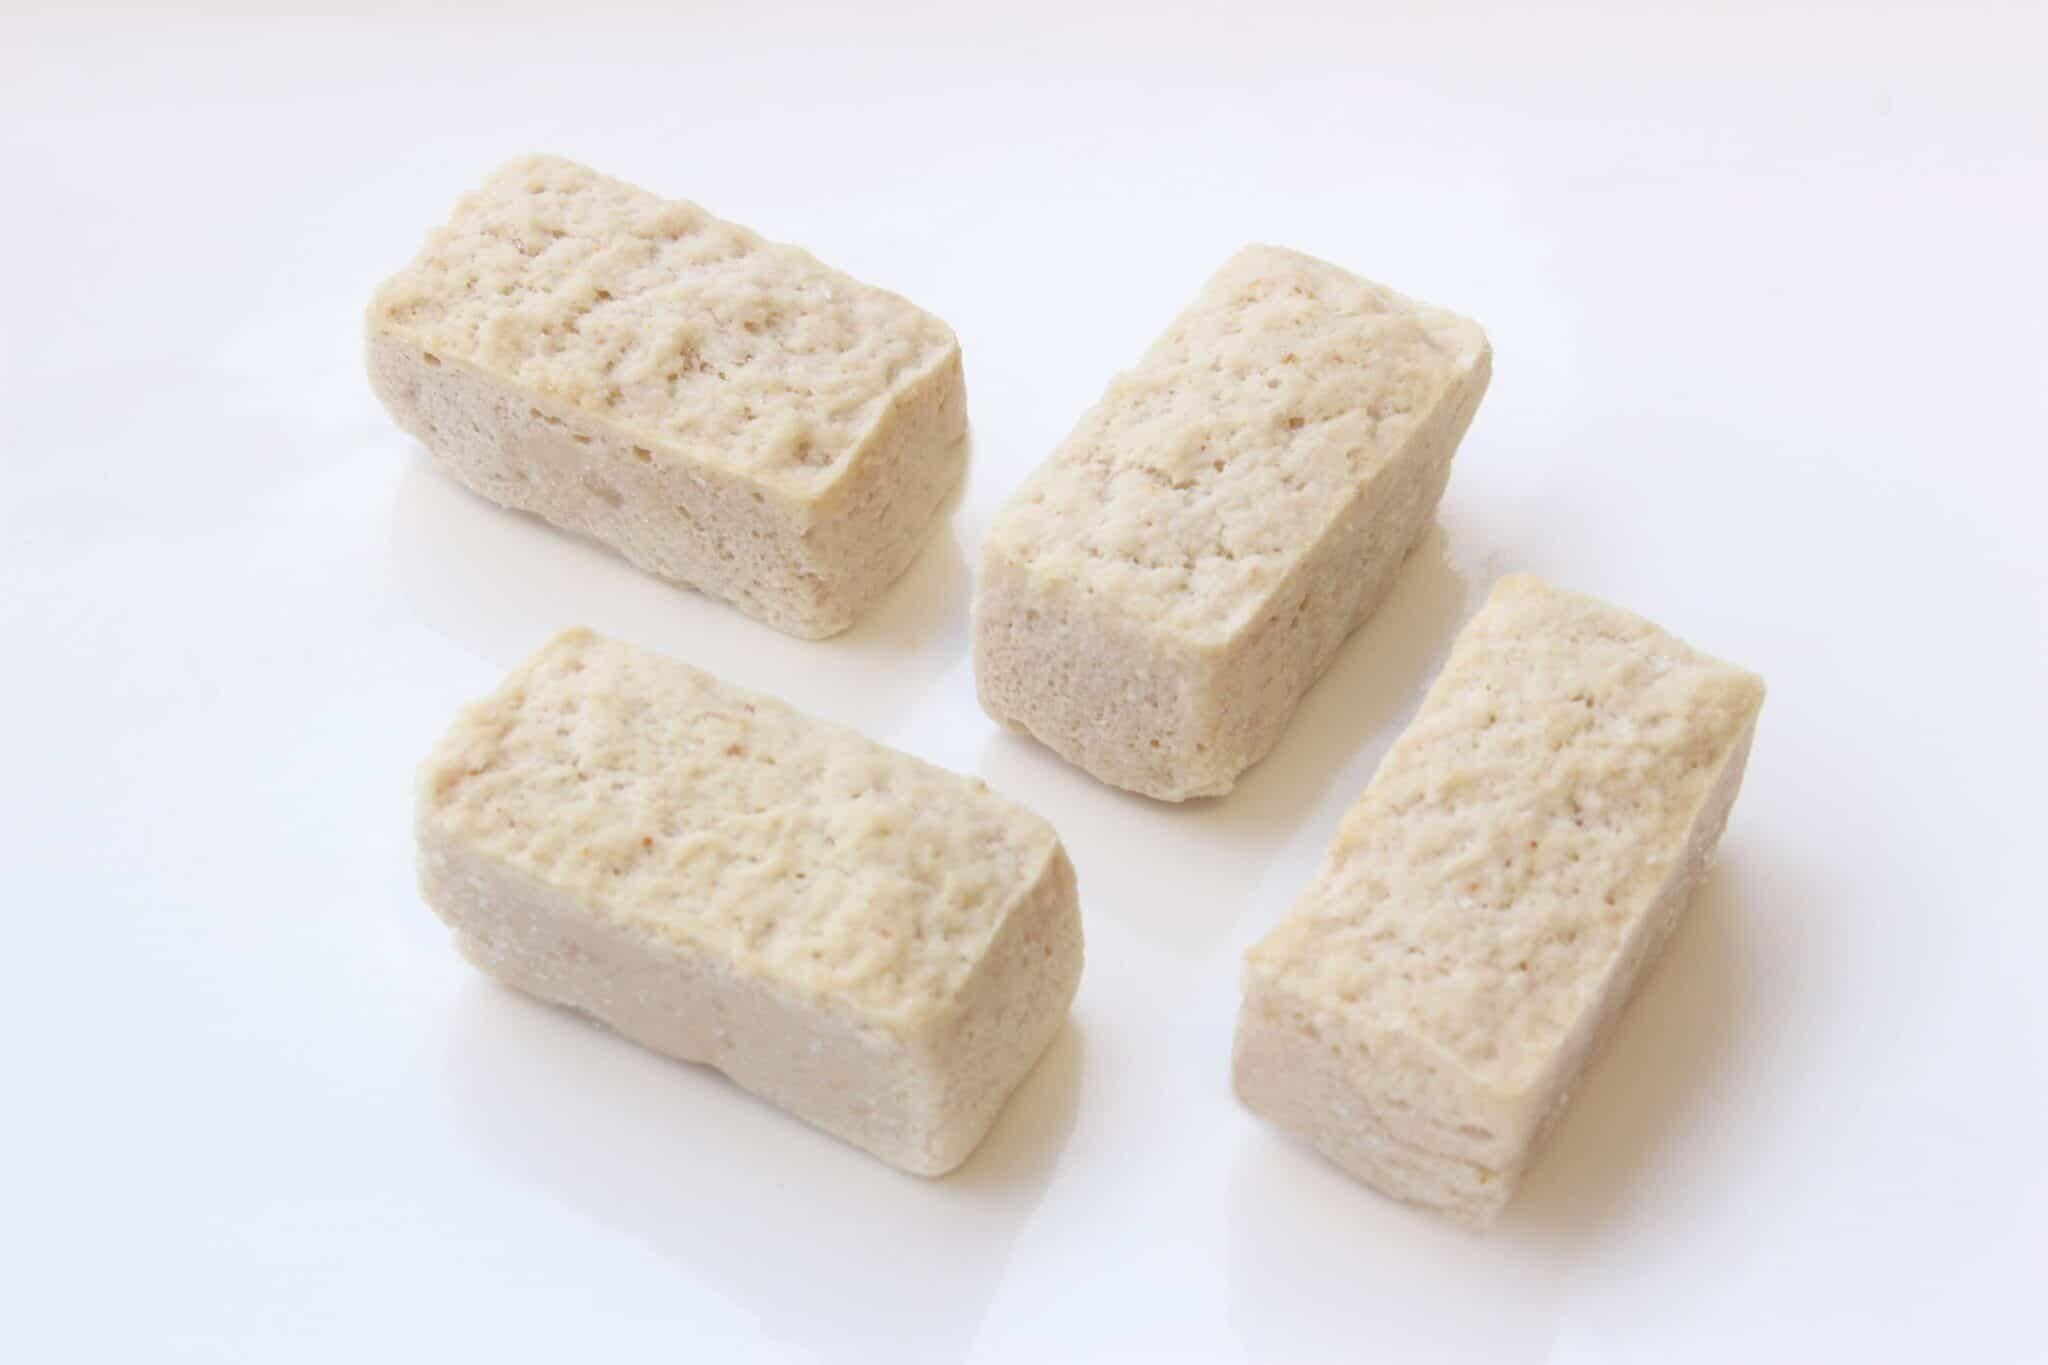 Carrégebraad in fingerfood-formaat. Rijk aan eiwitten.